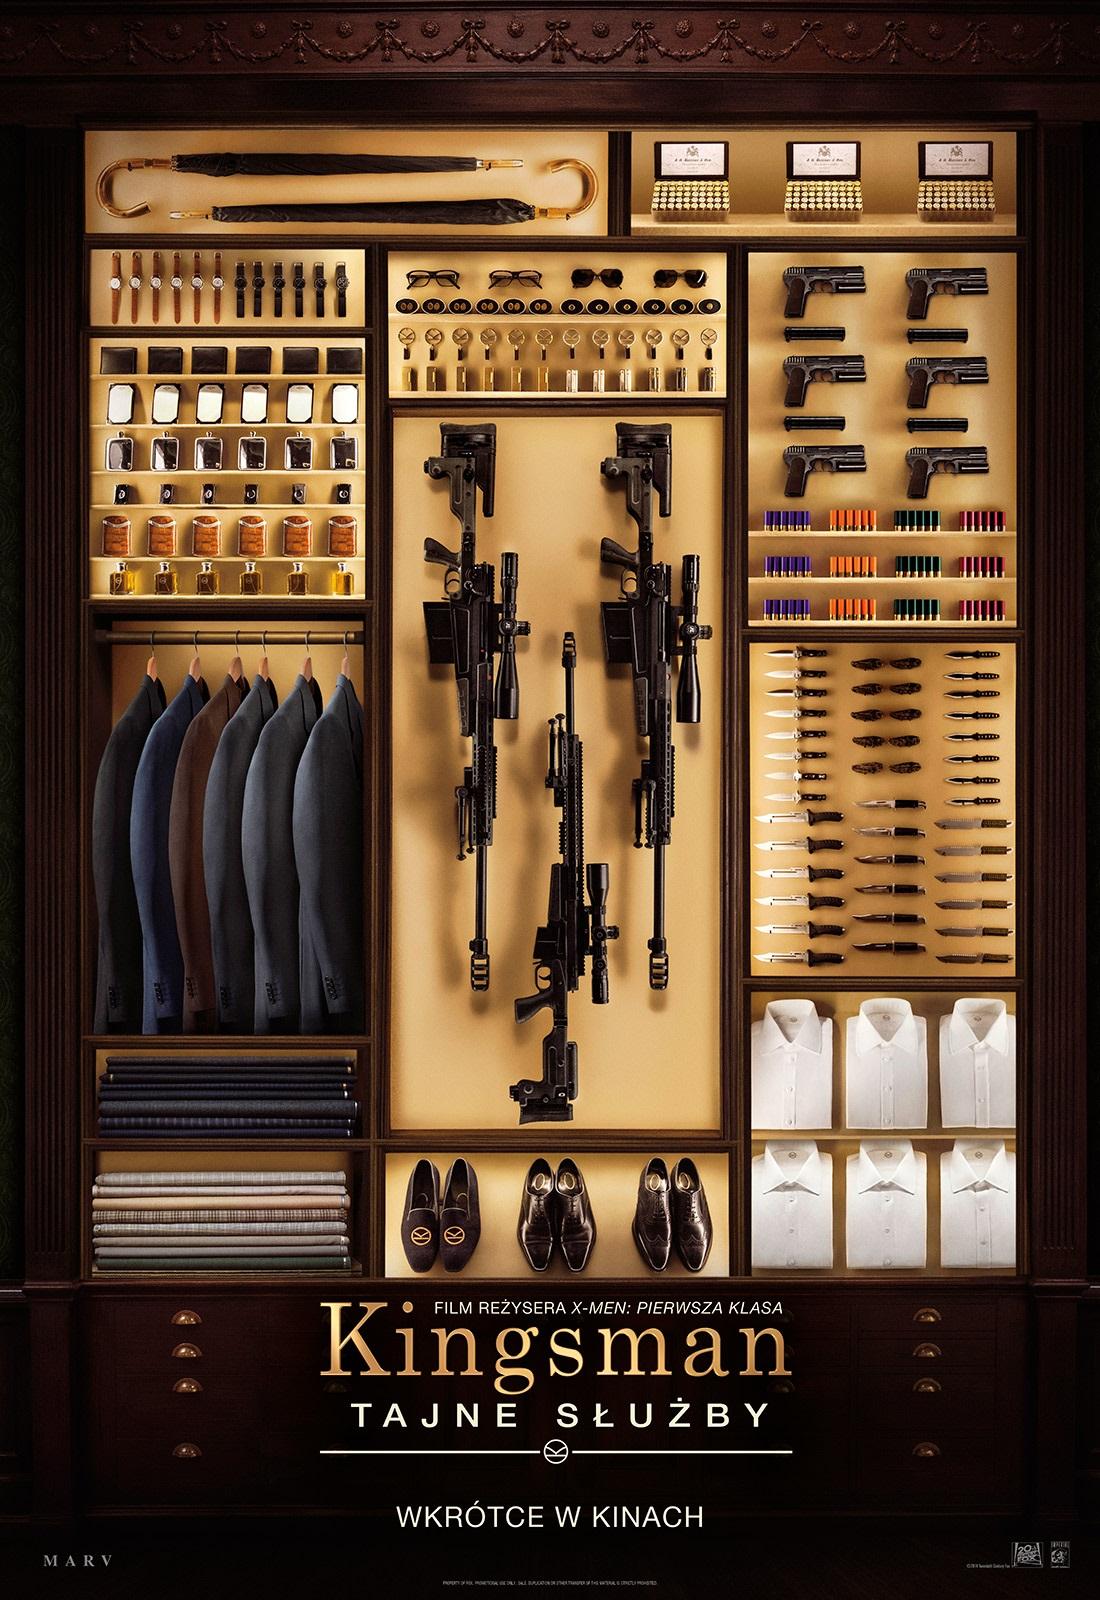 Kingsman: Tajne służby (2014) online. Obsada, opinie, opis fabuły, zwiastun